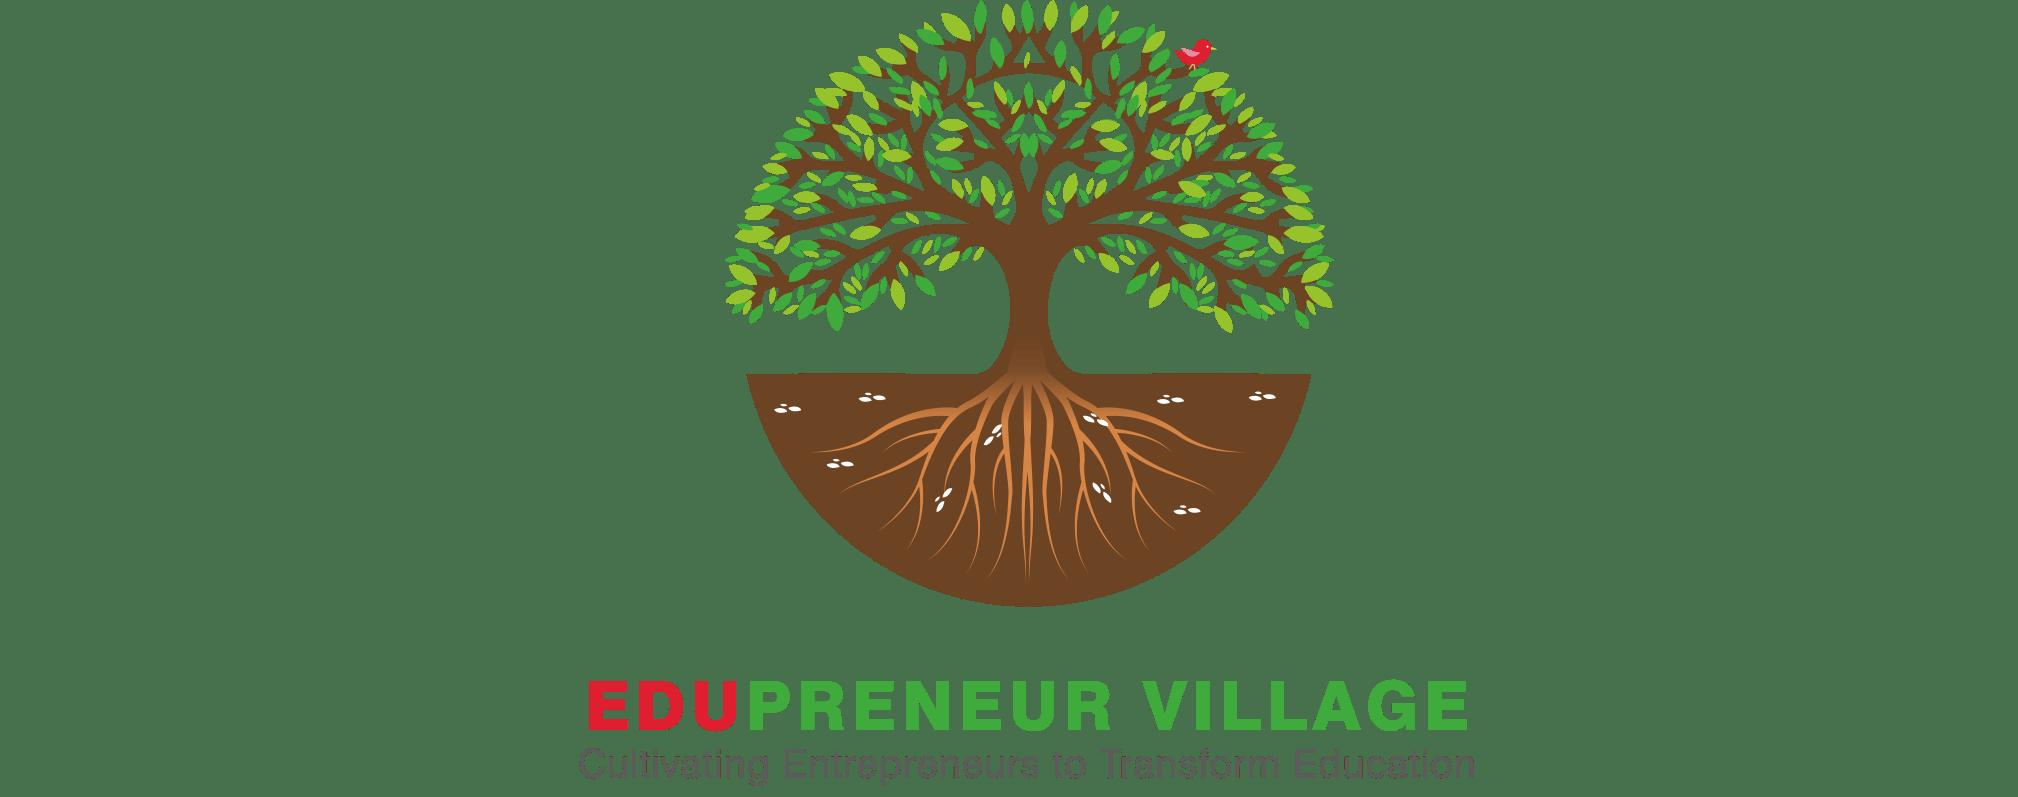 Edupreneur Village Fund